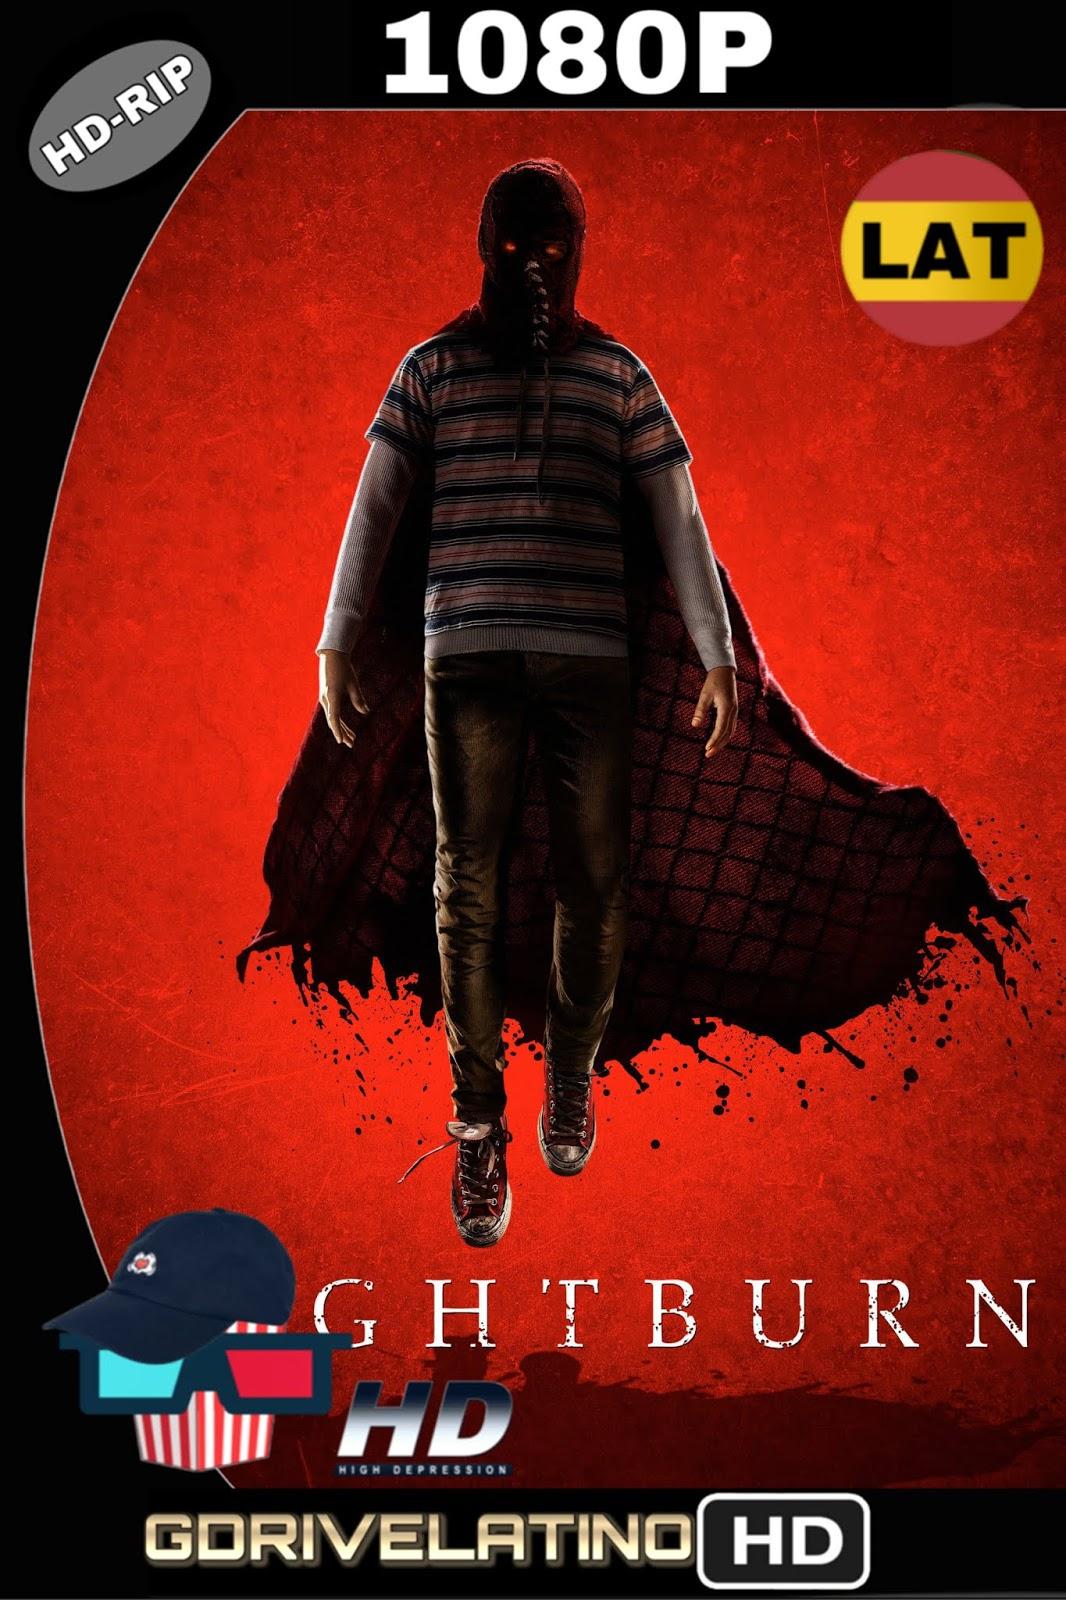 Hijo de la oscuridad: Brightburn (2019) HDRip 1080p (Latino-Inglés) MKV